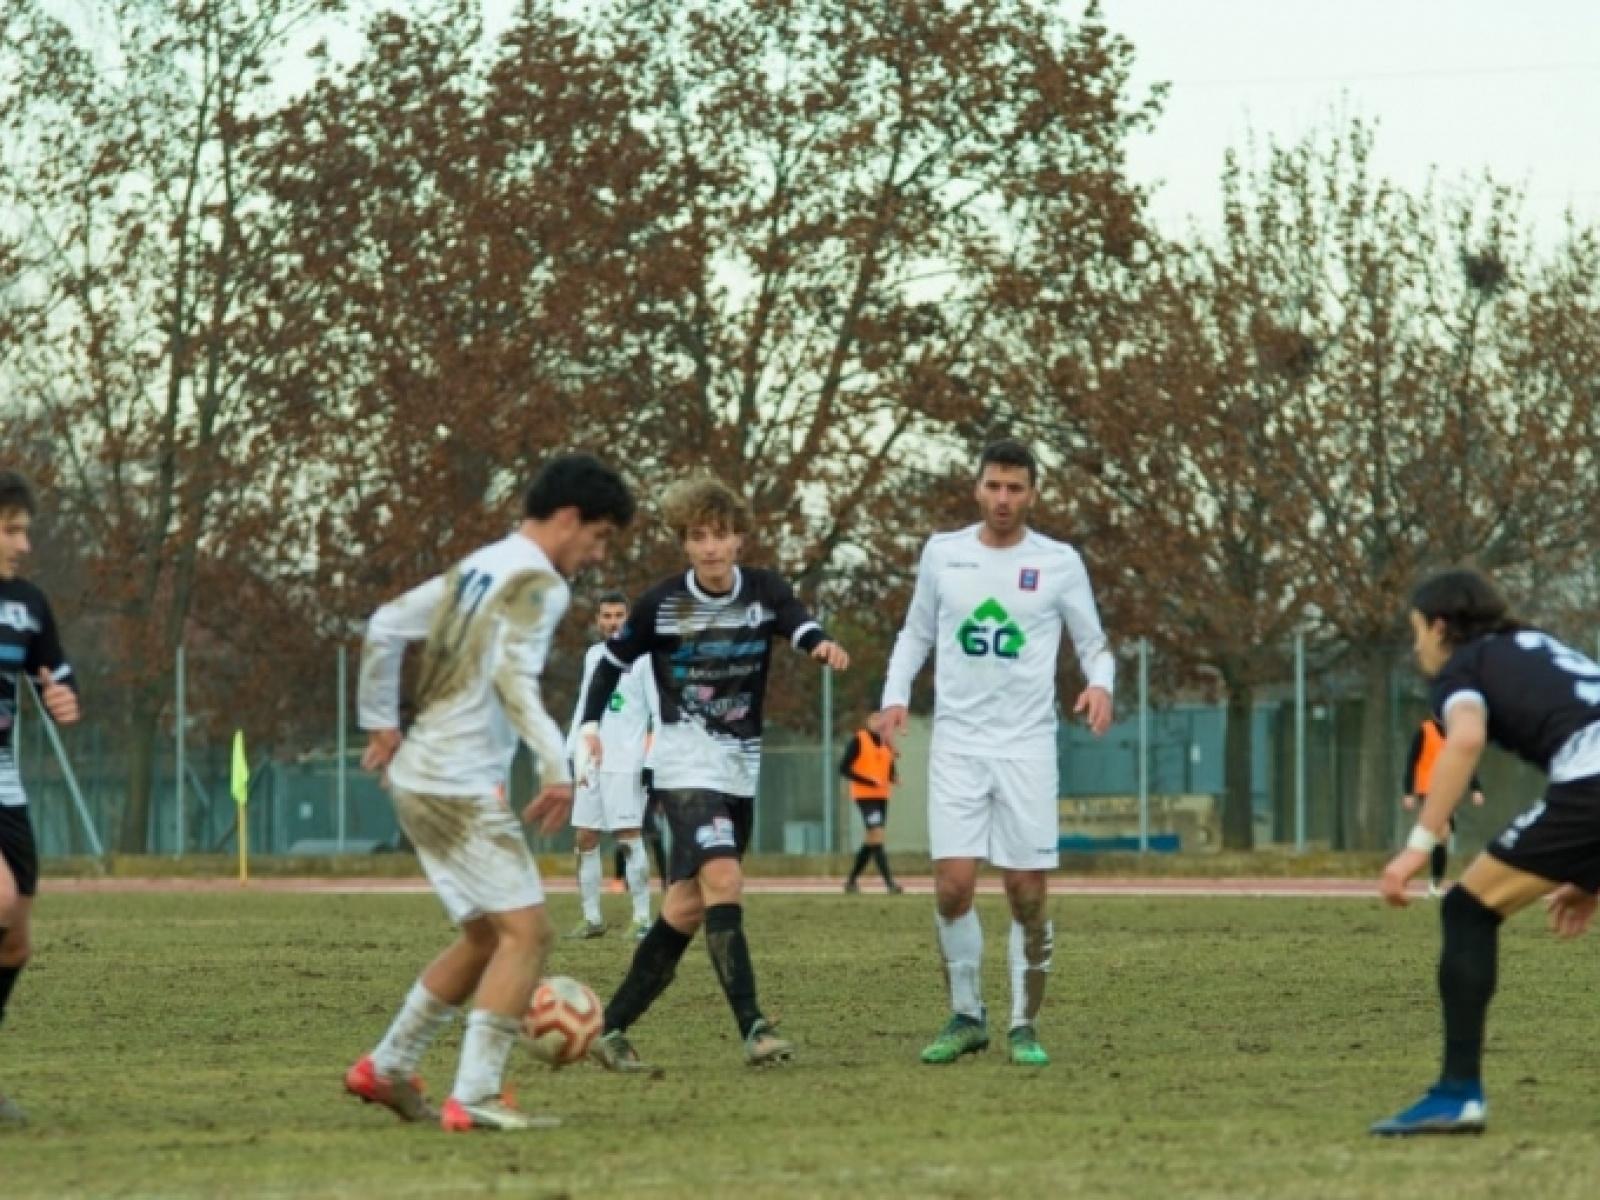 Serie D Saluzzo vs Hsl Derthona 0-0